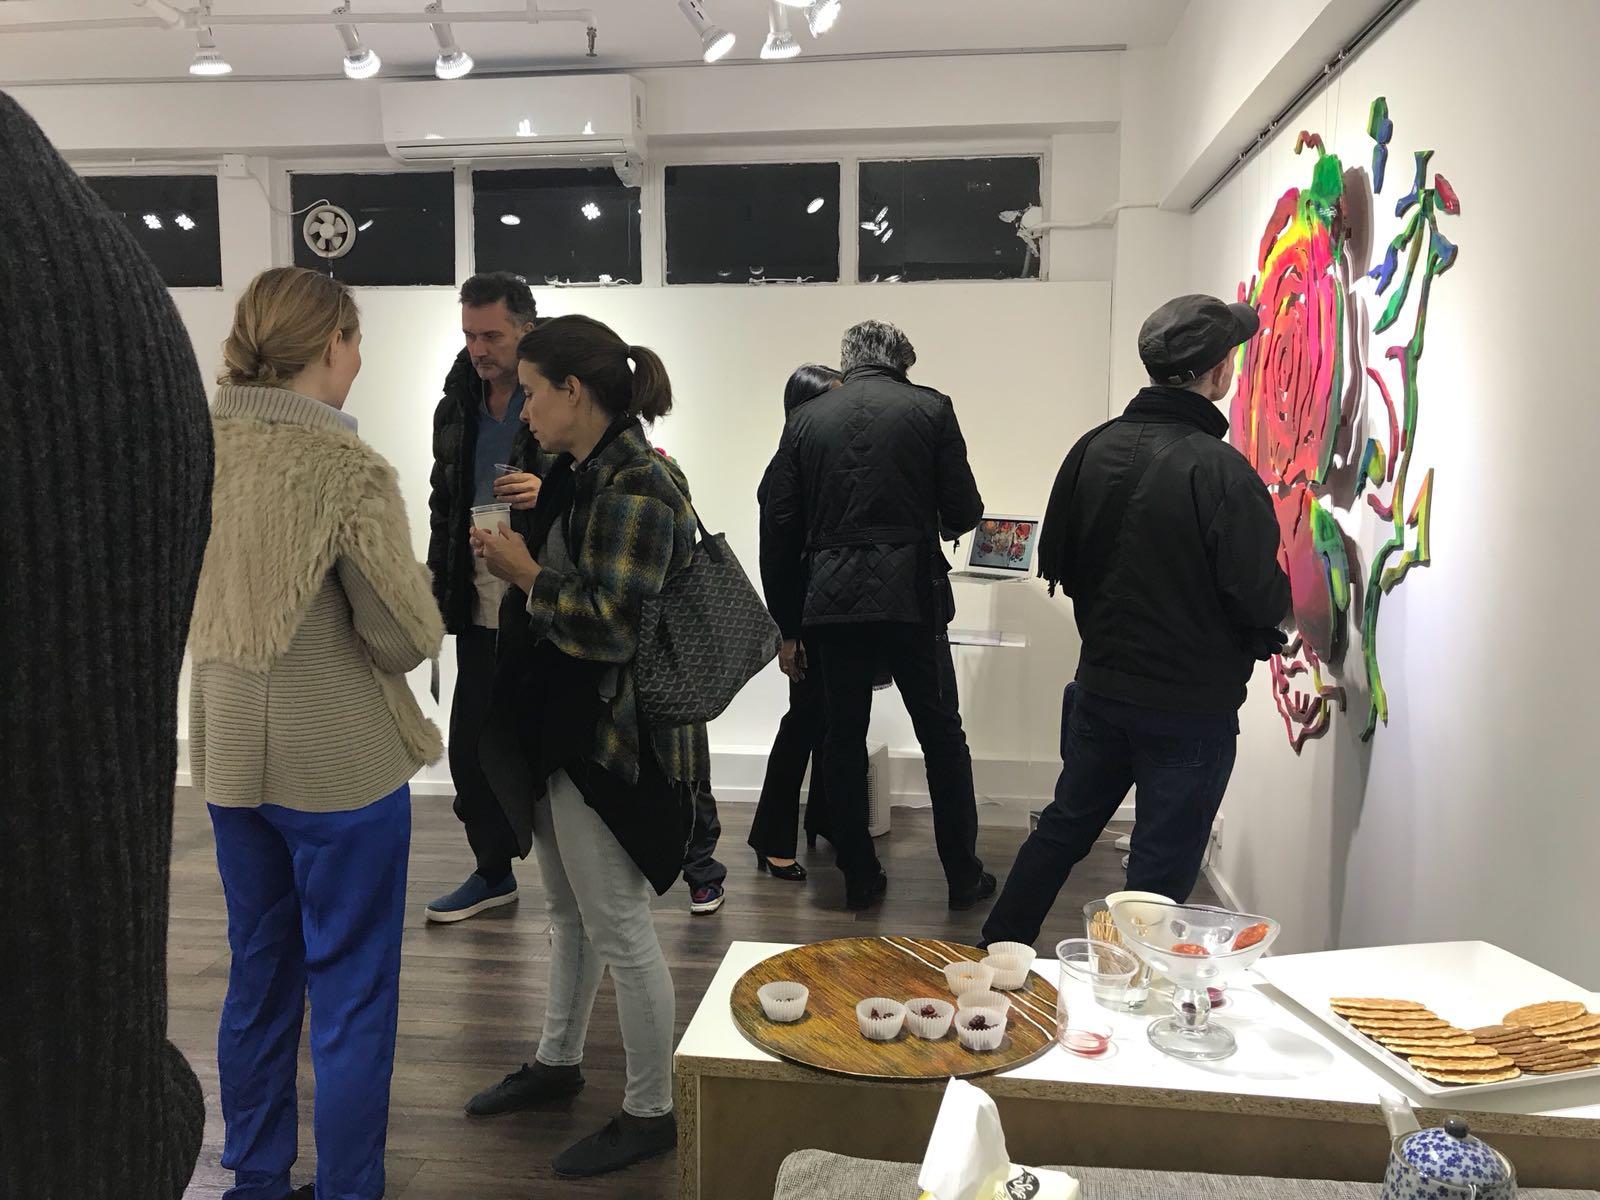 cffd4a54 261f 4b9c a097 6654a4101bf6 Solo Exhibition Hong Kong Galería Koo.